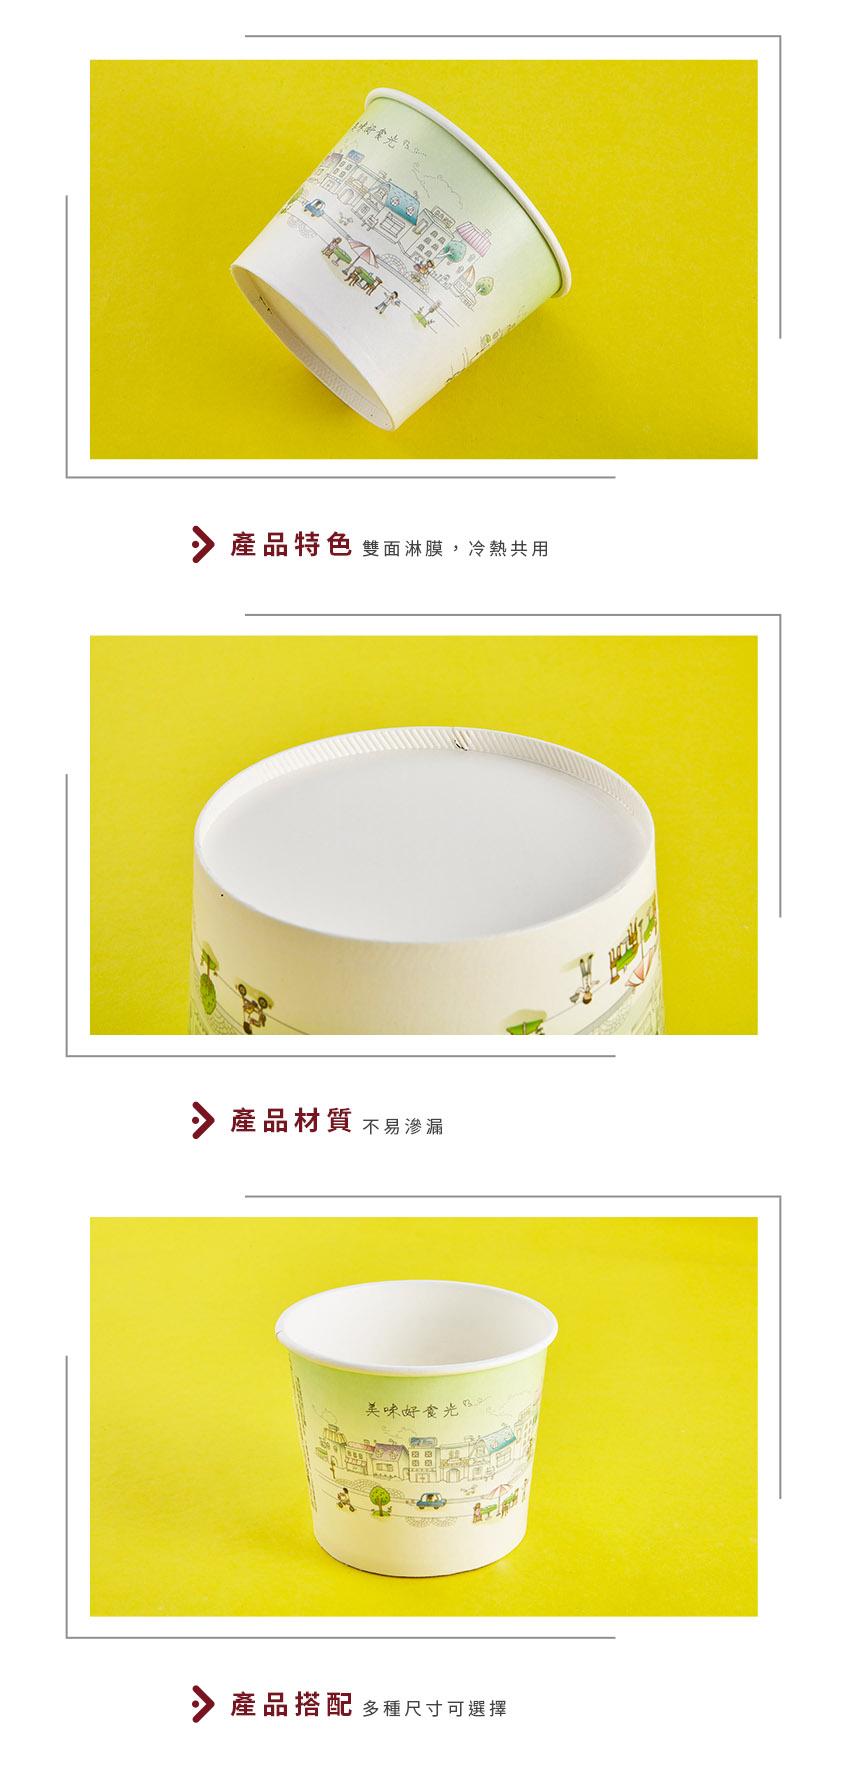 免洗 衛生 便當 外帶 外送 外賣防疫 環保餐盒 一次性 圓形 湯碗 湯杯